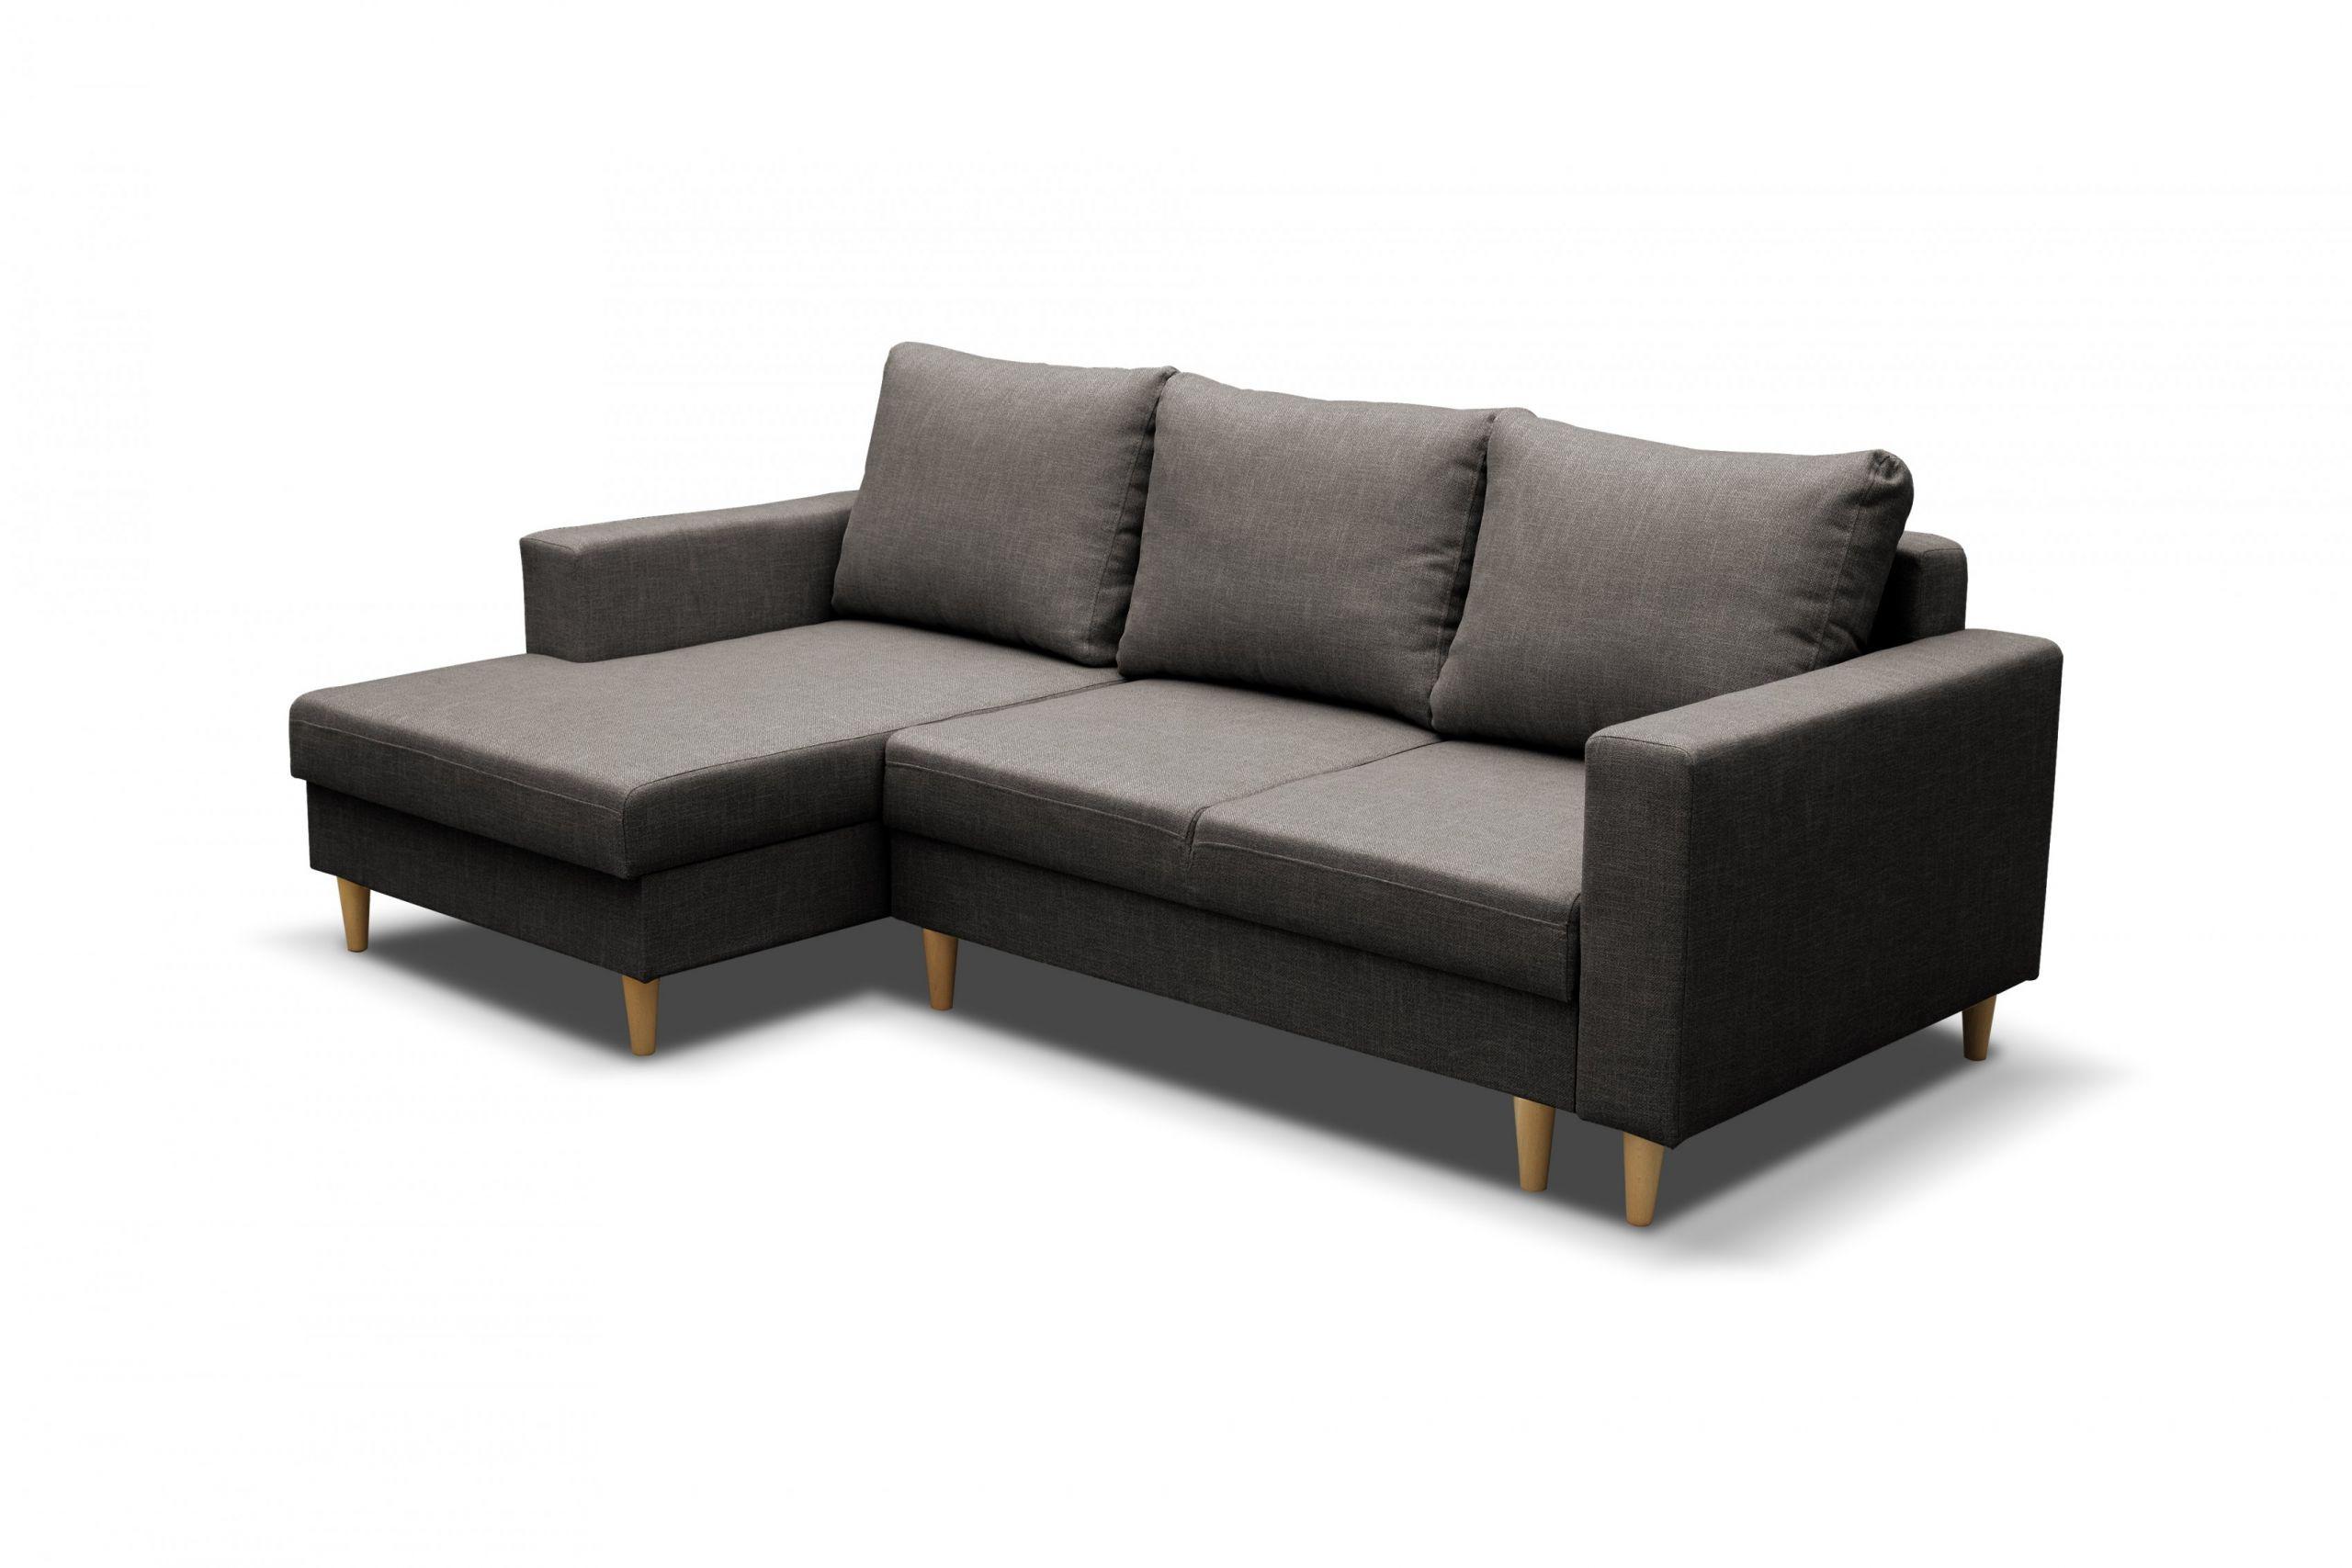 Canape Design A Prix Usine de Canapé D Angles Convertible